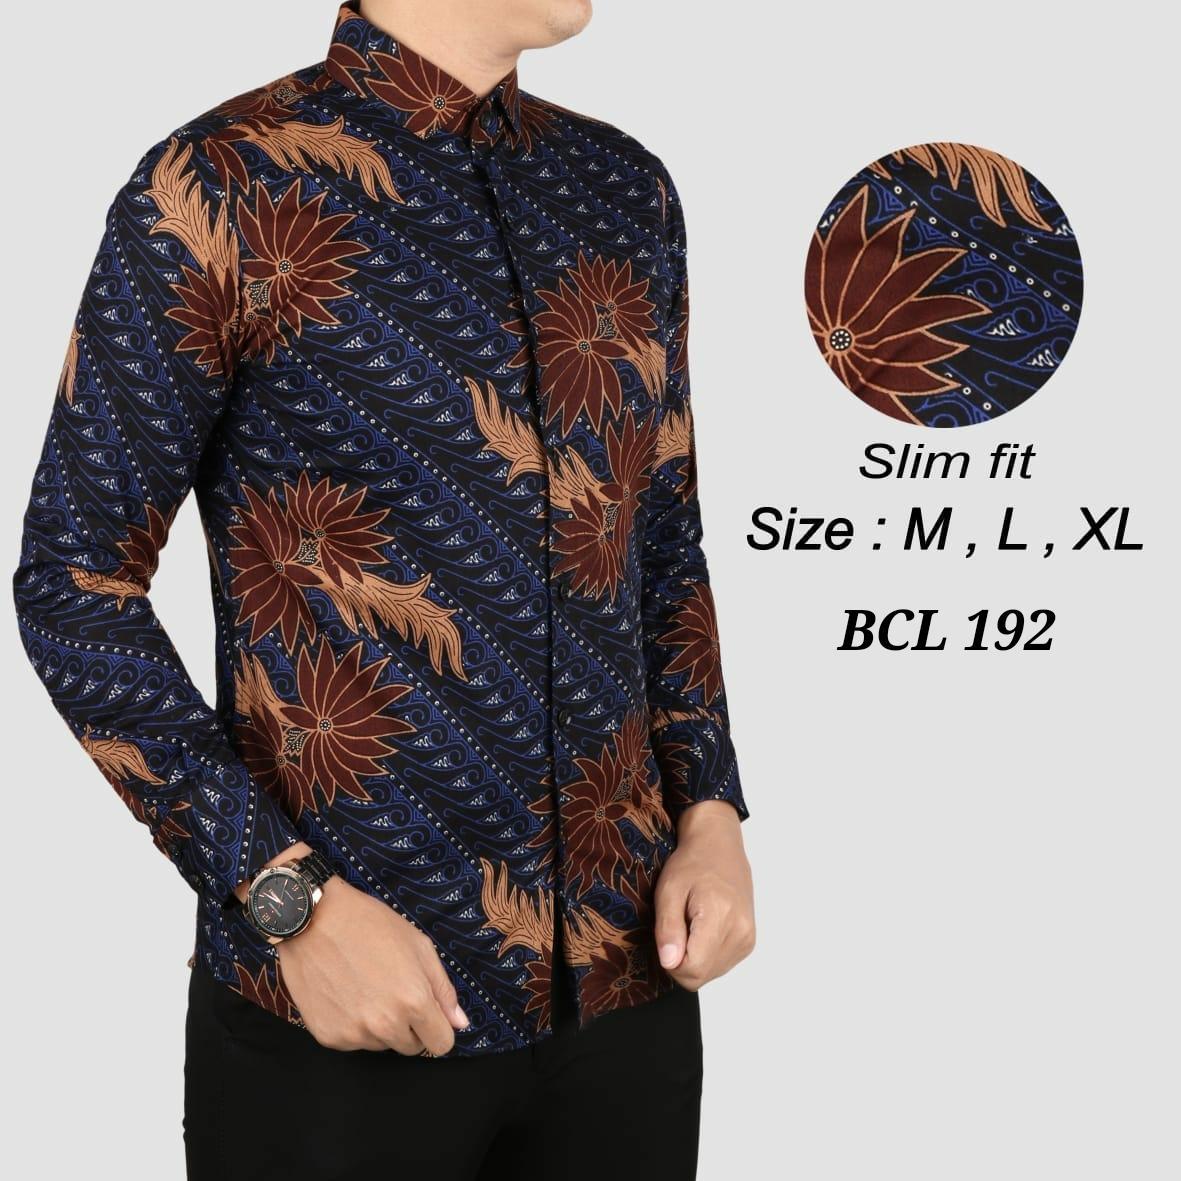 Baju Kemeja Batik Pria / Batik Slimfit Pria / Batik Modern / Atasan Pria / Kemeja Batik Terbaru